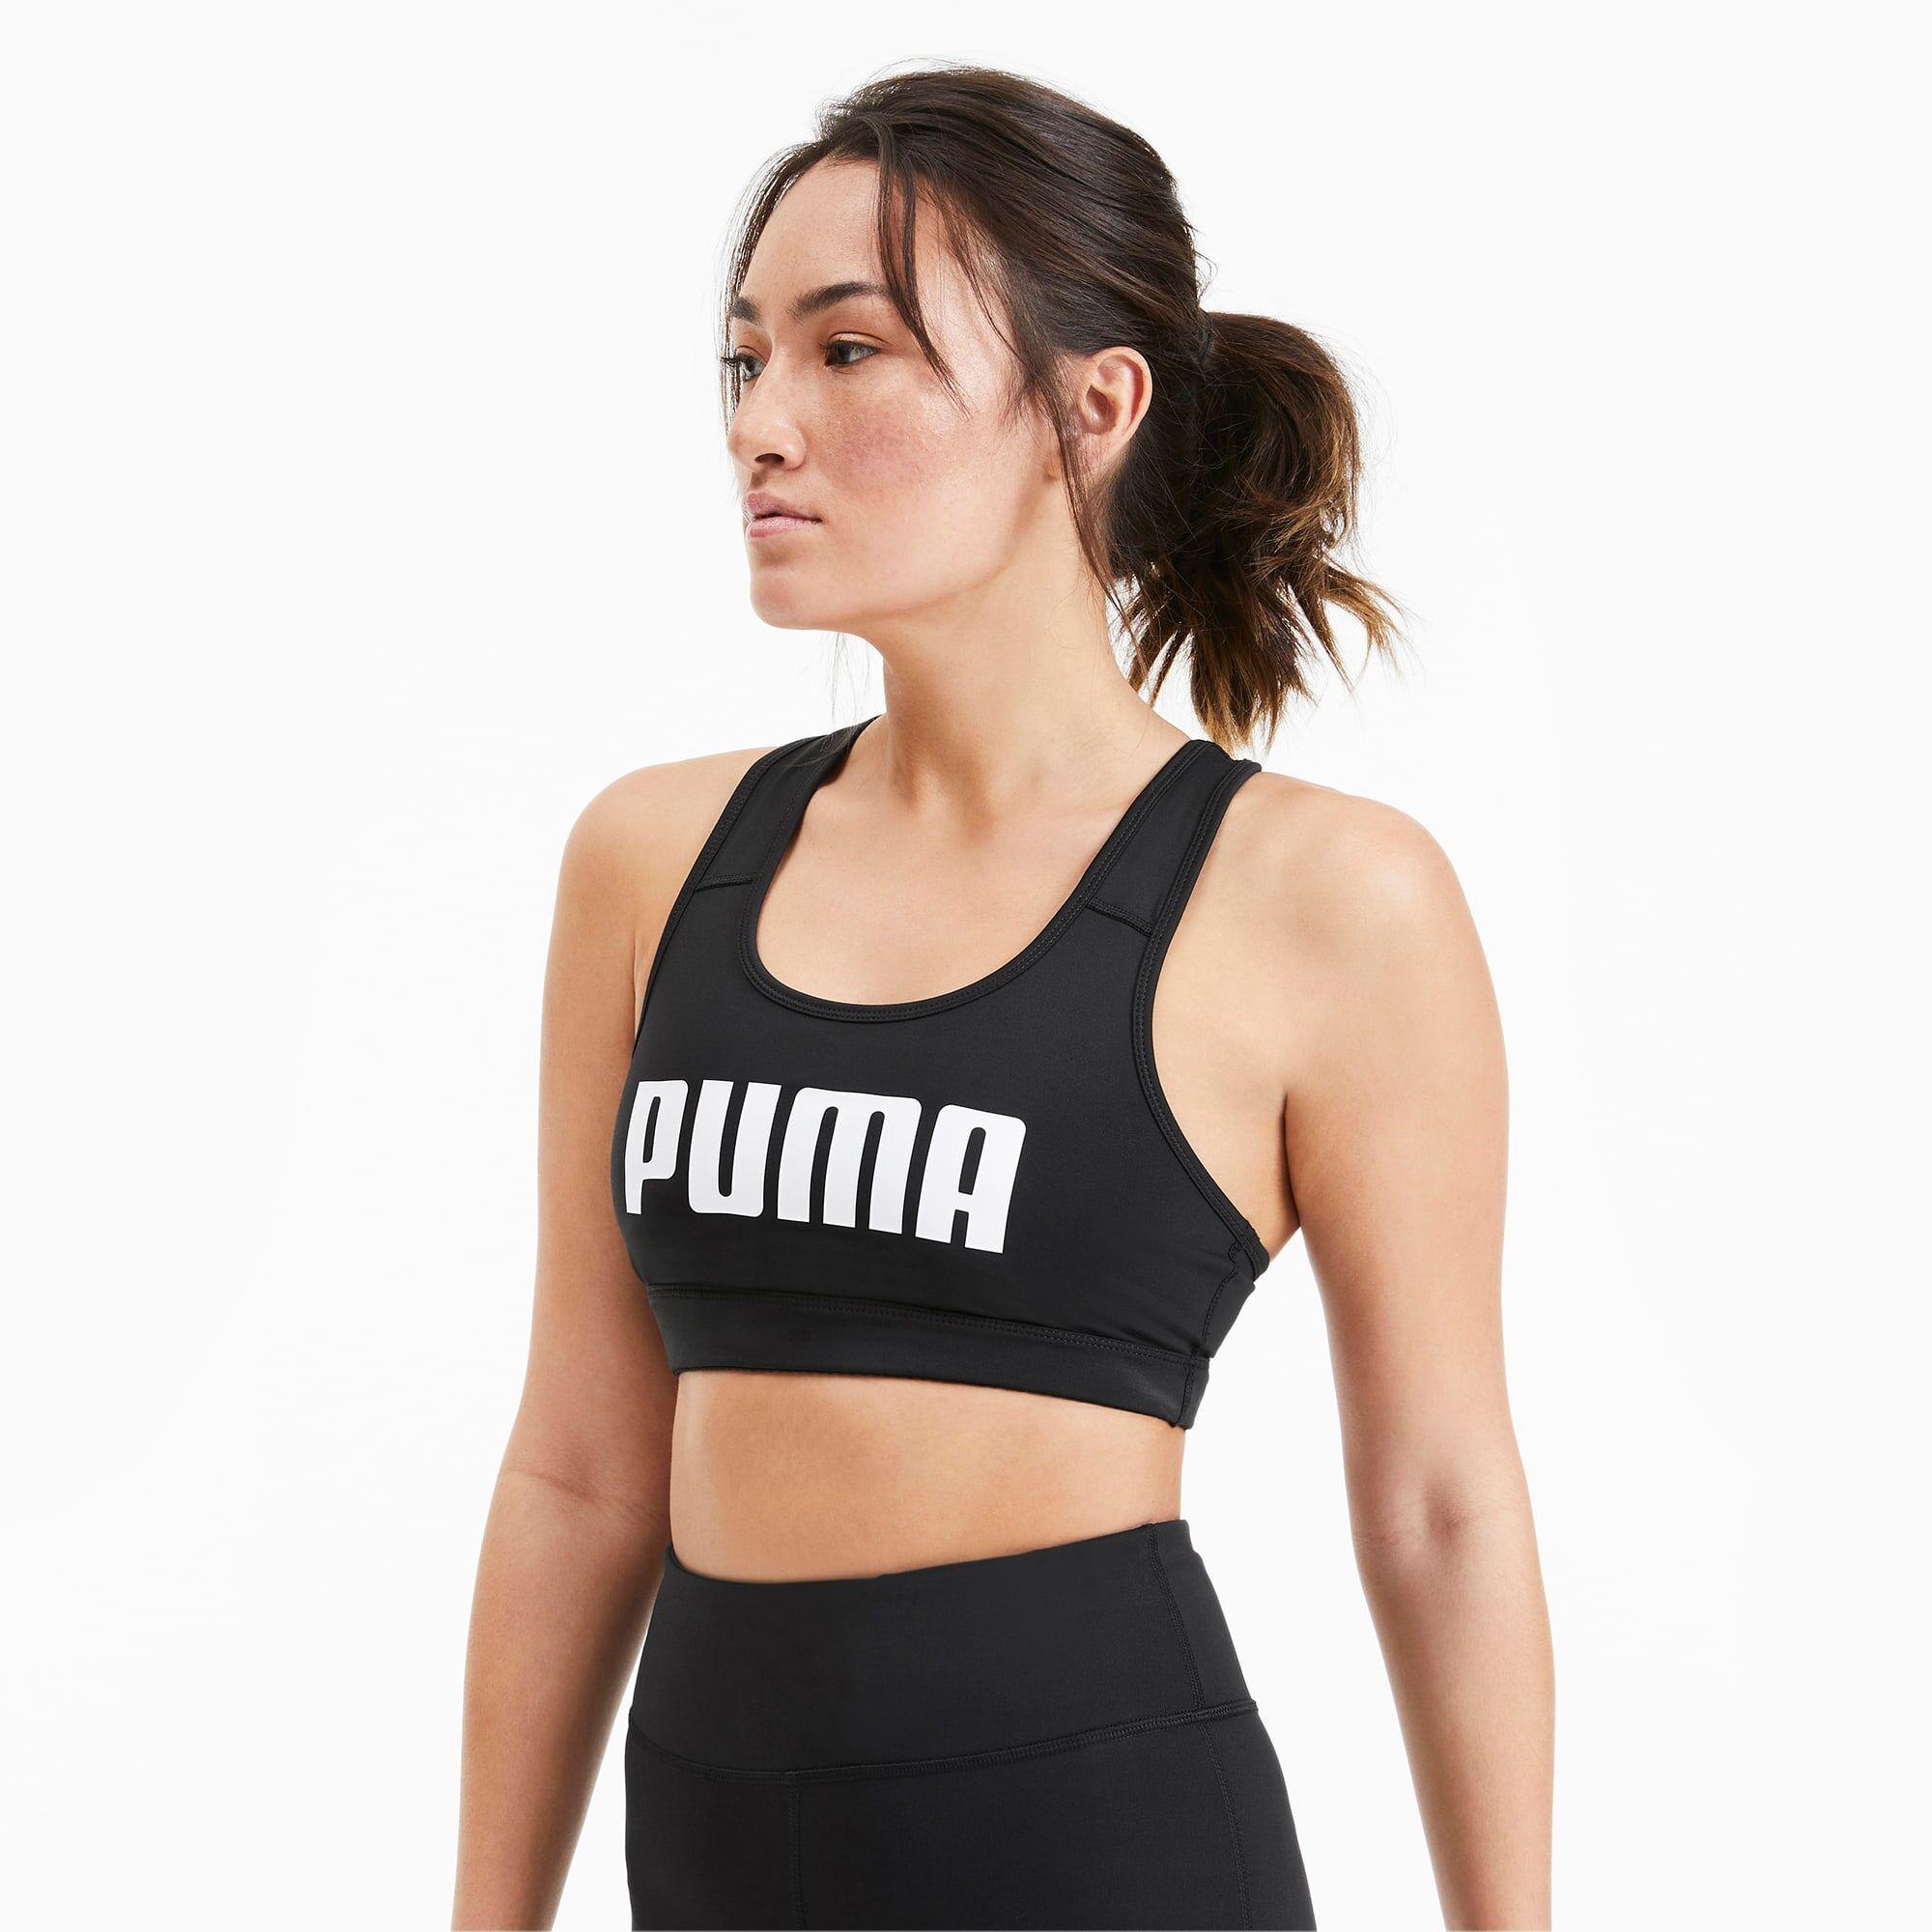 PUMA Soutien-gorge de sport 4Keeps pour Femme, Noir/Blanc, Taille S, Vêtements